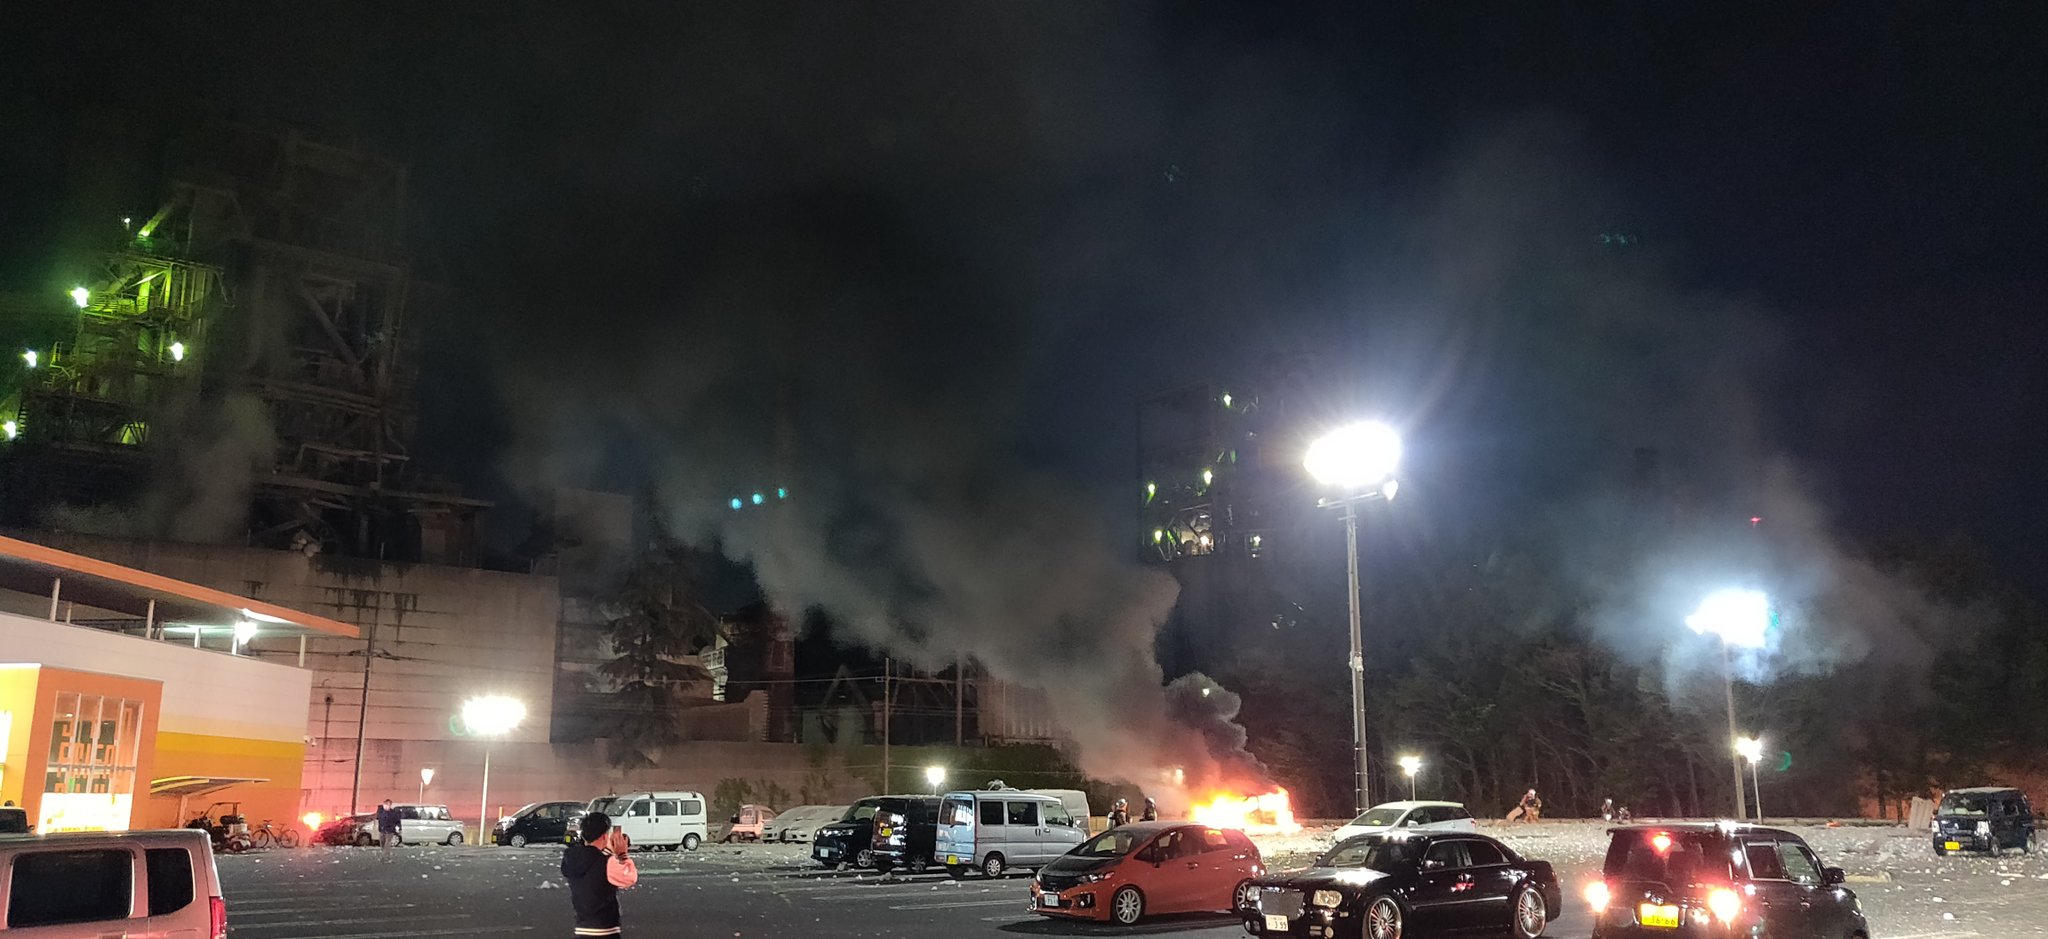 太平洋セメント埼玉工場付近の爆発事故現場の画像